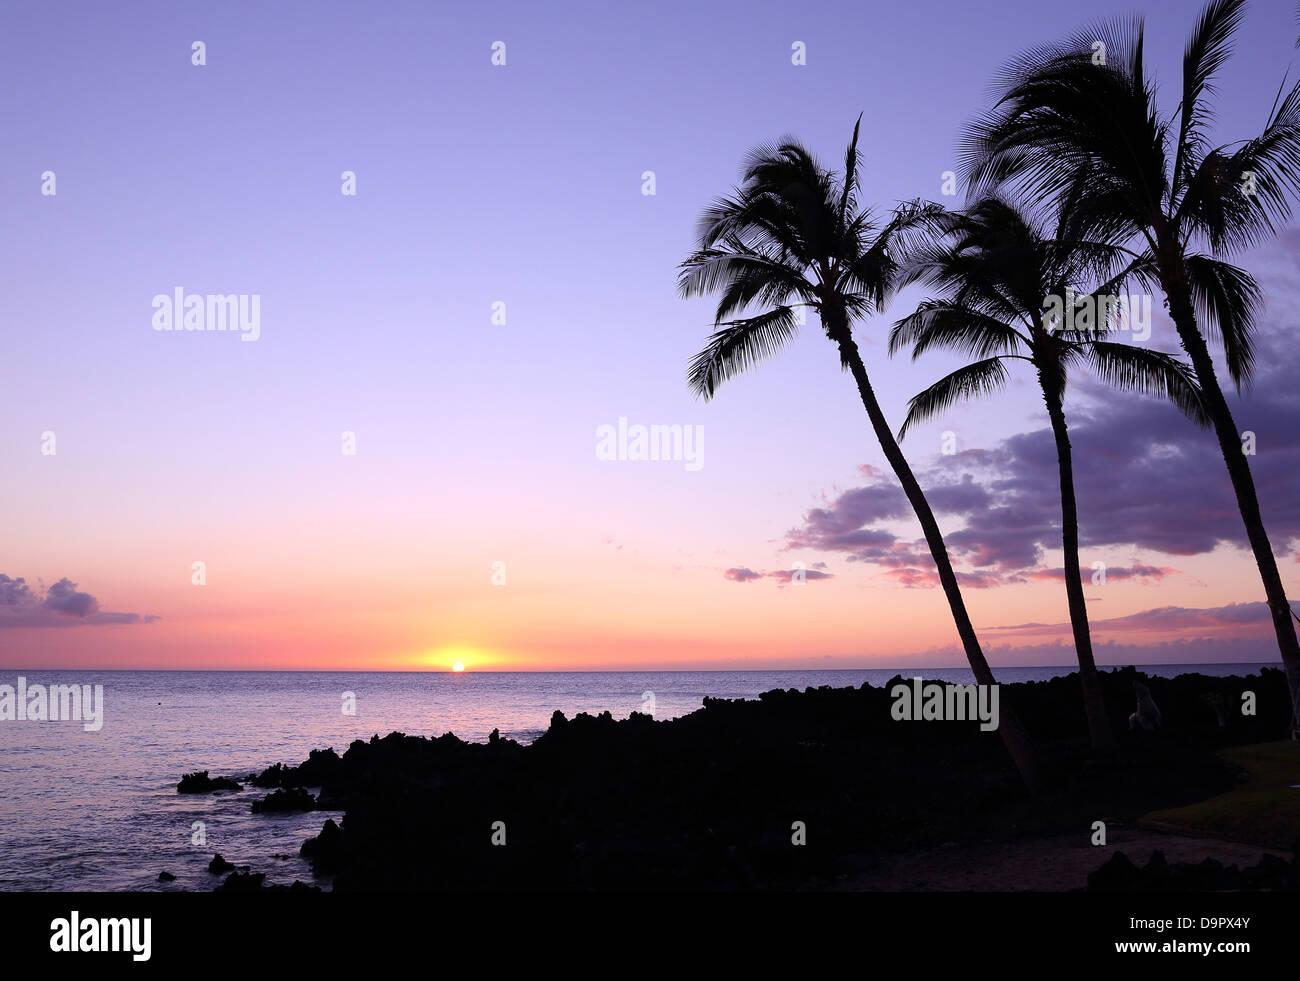 Sunset on Big Island, Hawaii, USA - Stock Image